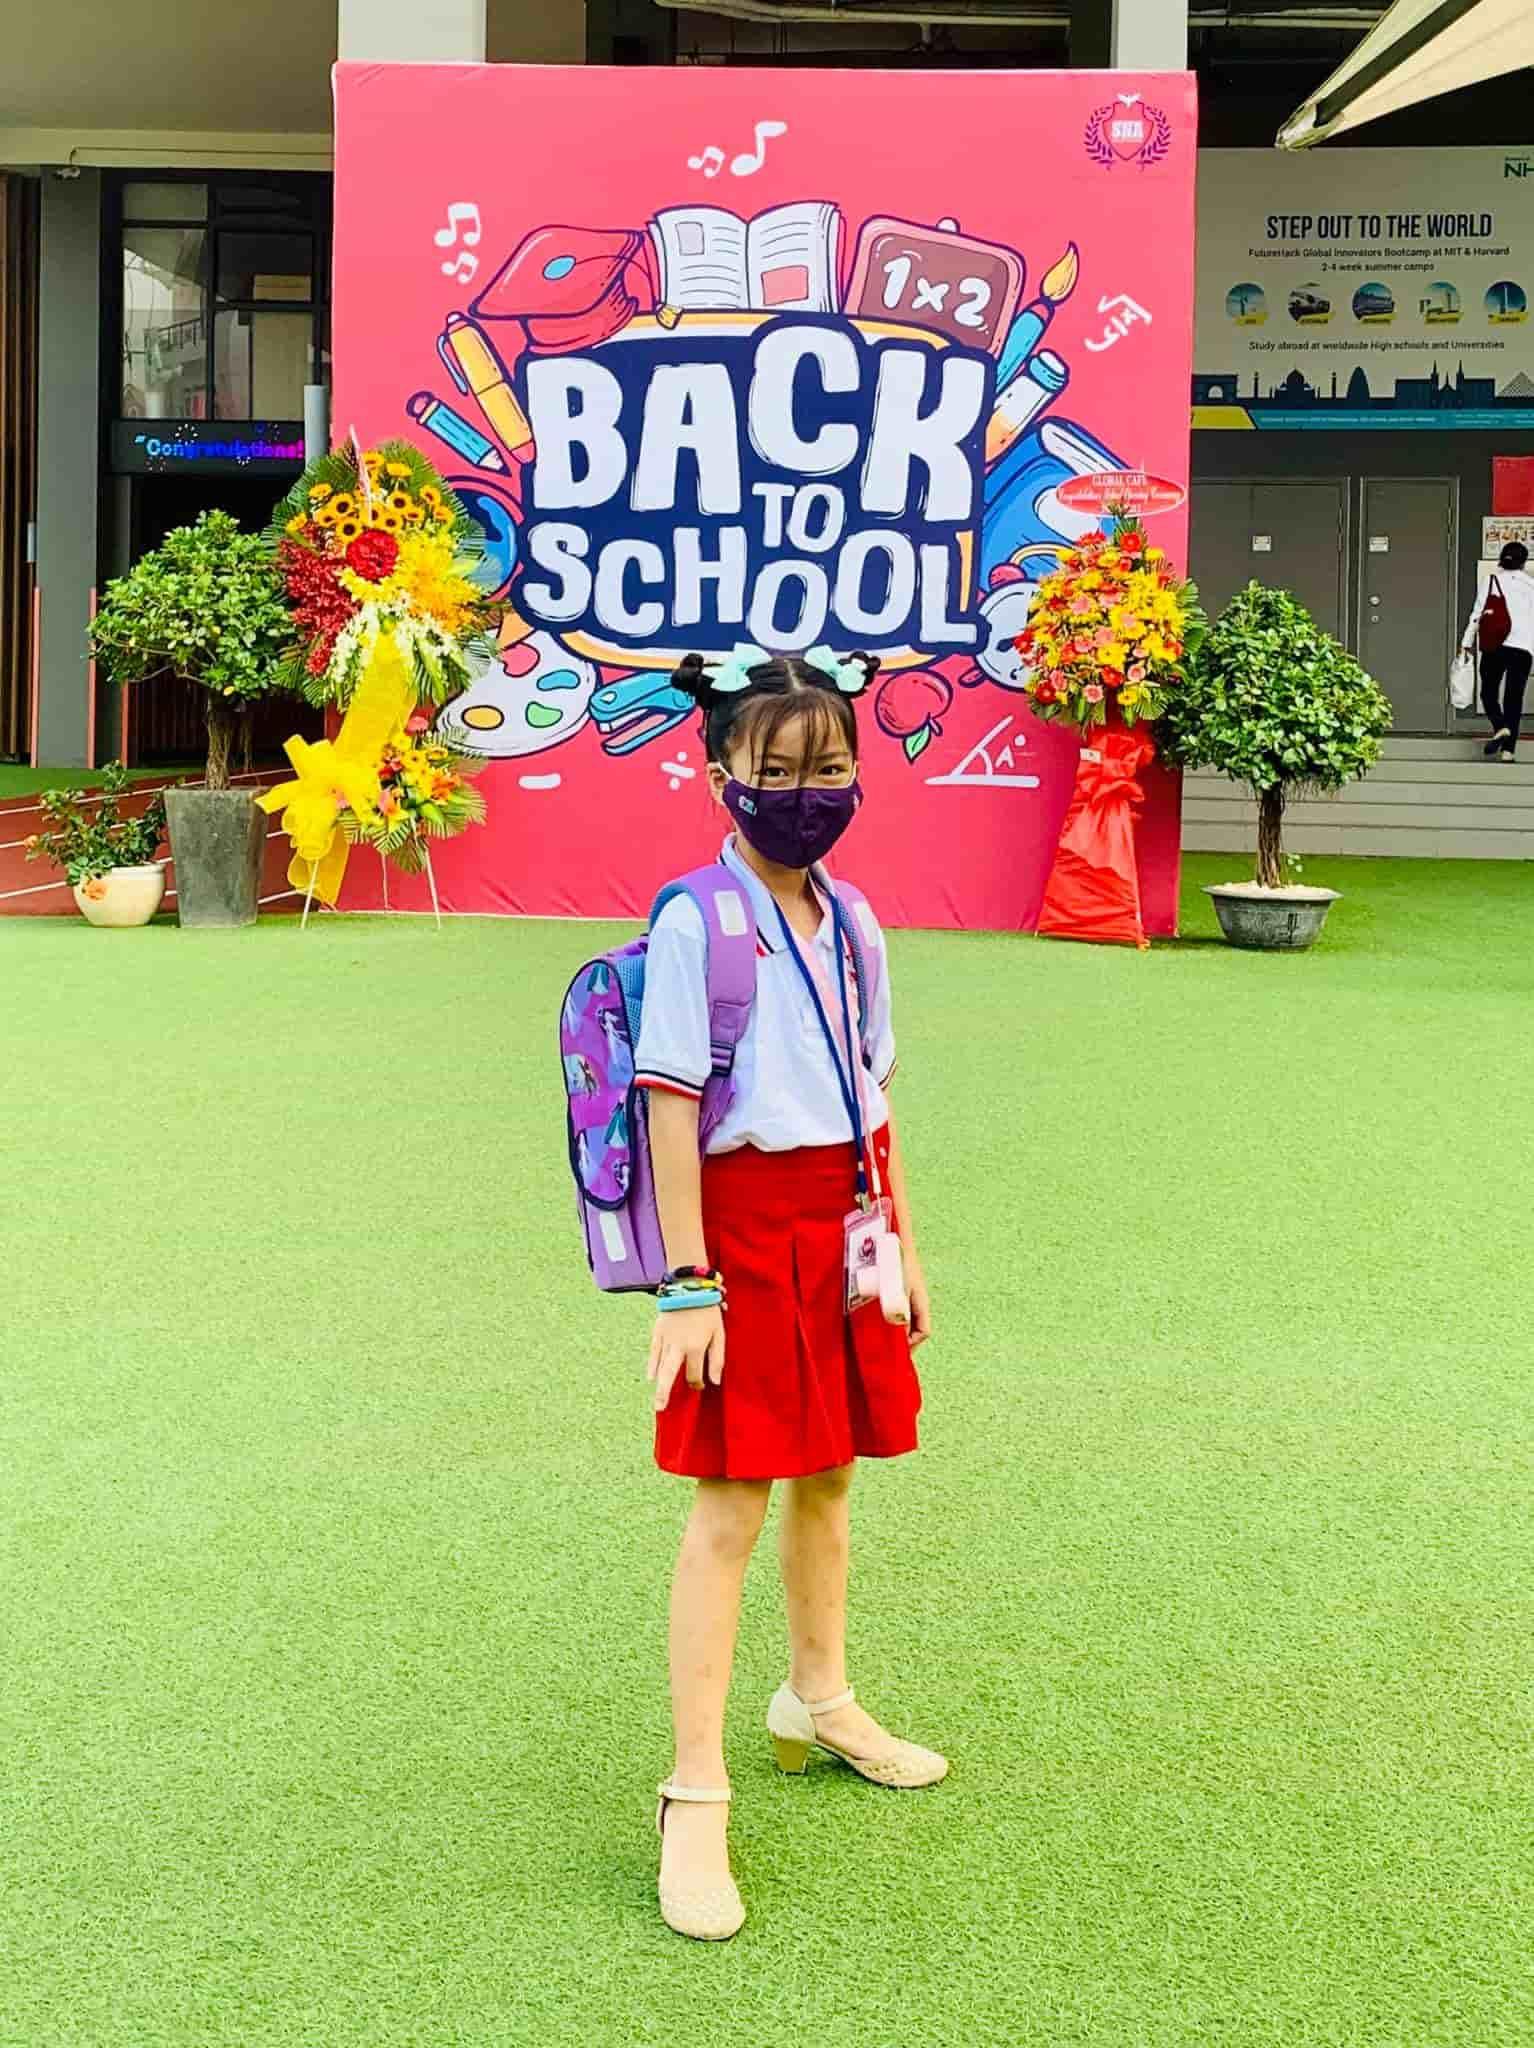 Con gái Ốc Thanh Vân đến trường diện đồng phục chất ngất: mang tất cọc cạch, đi giày cao gót - 11